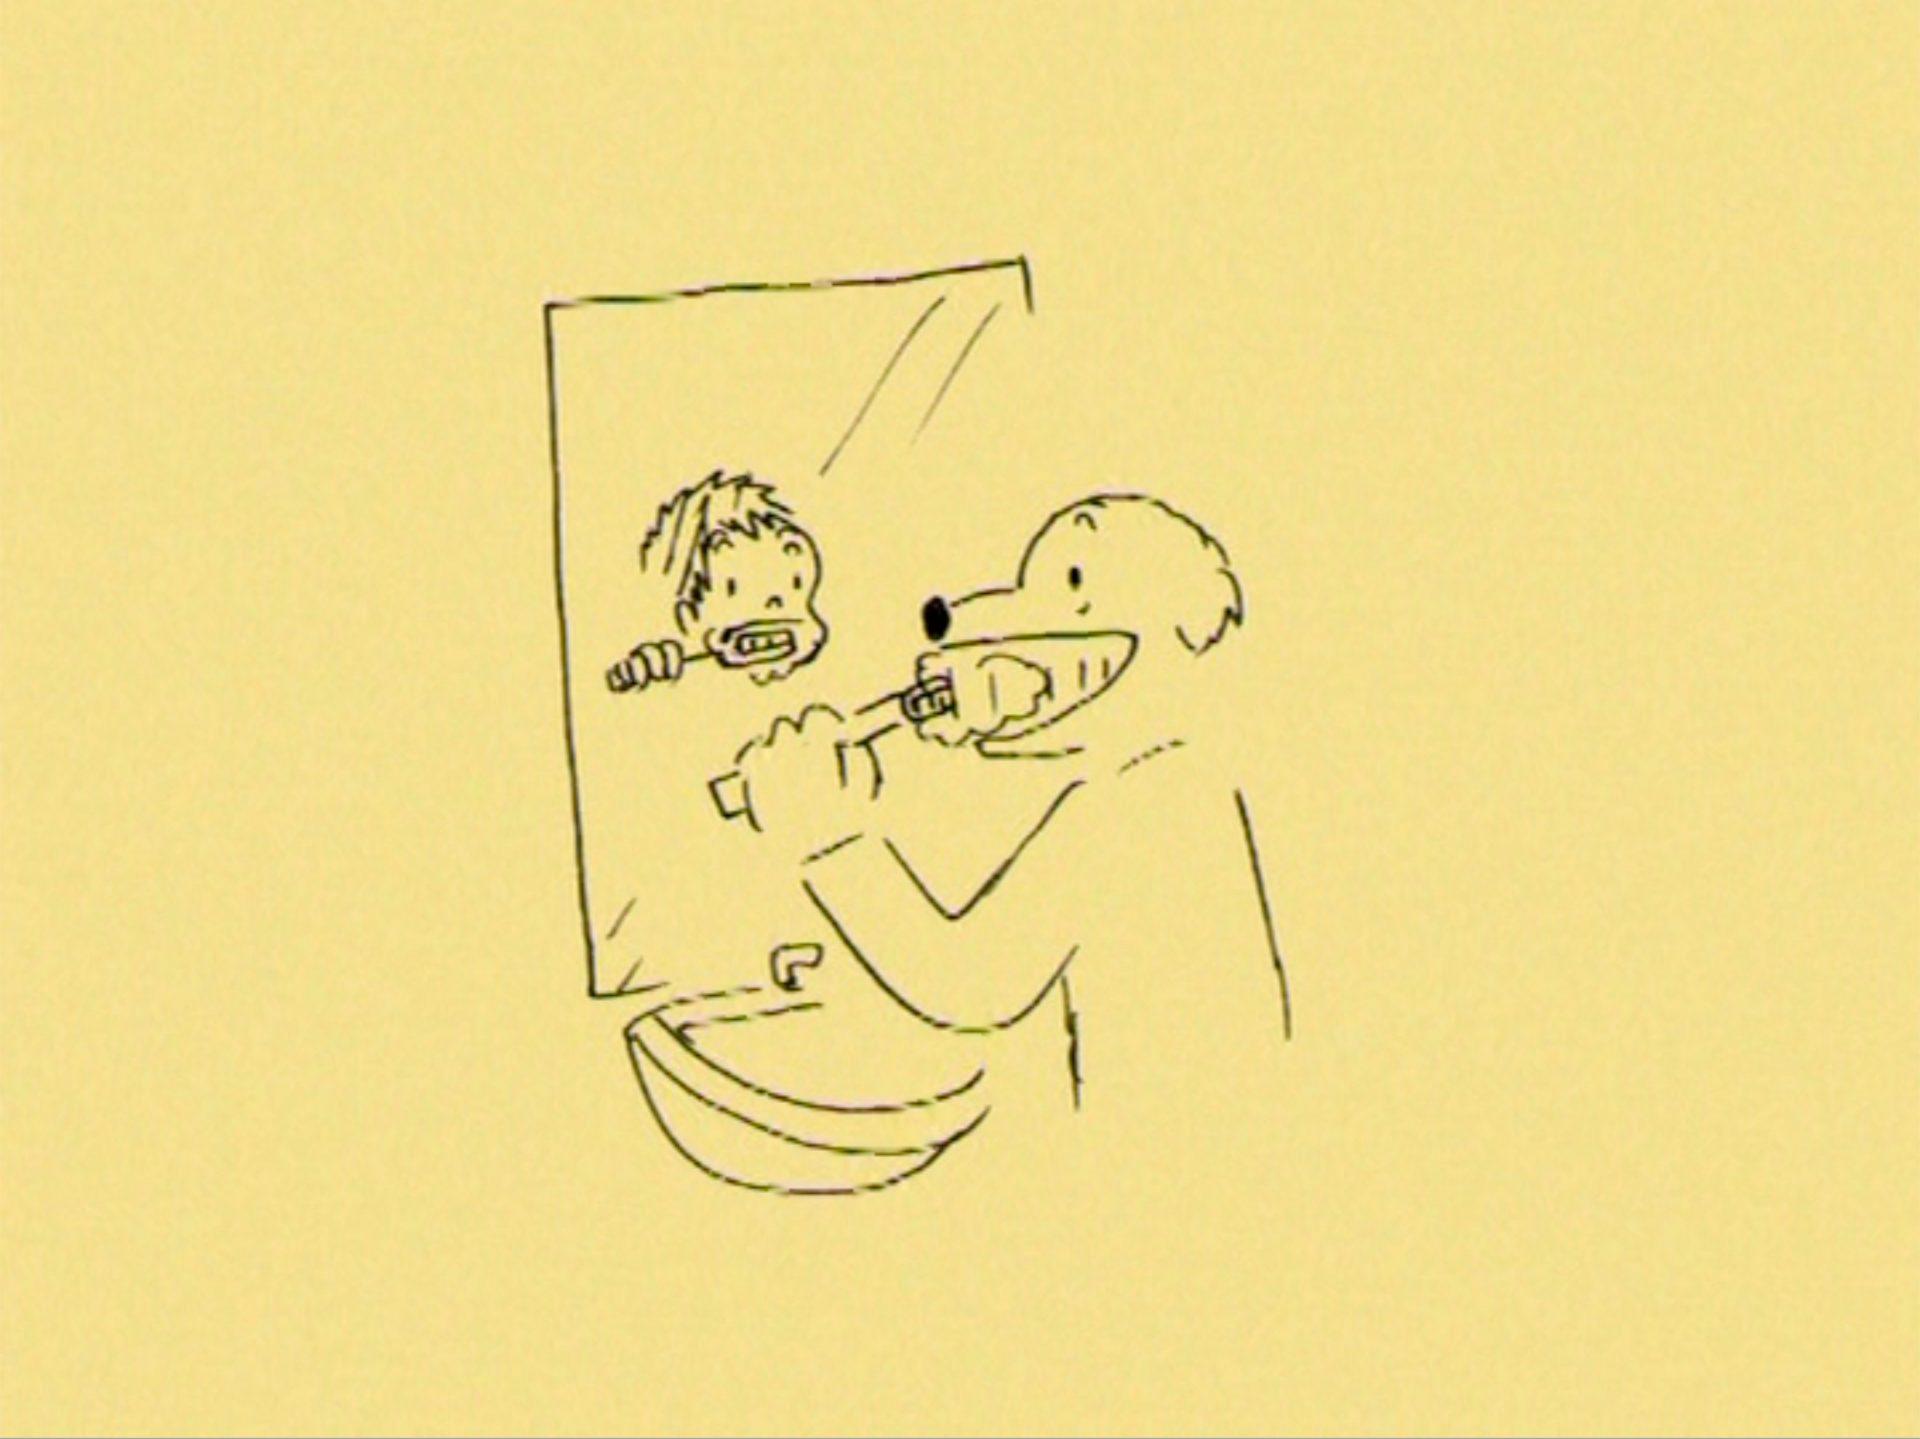 歯磨きをする犬。鏡には男の子が写っている。